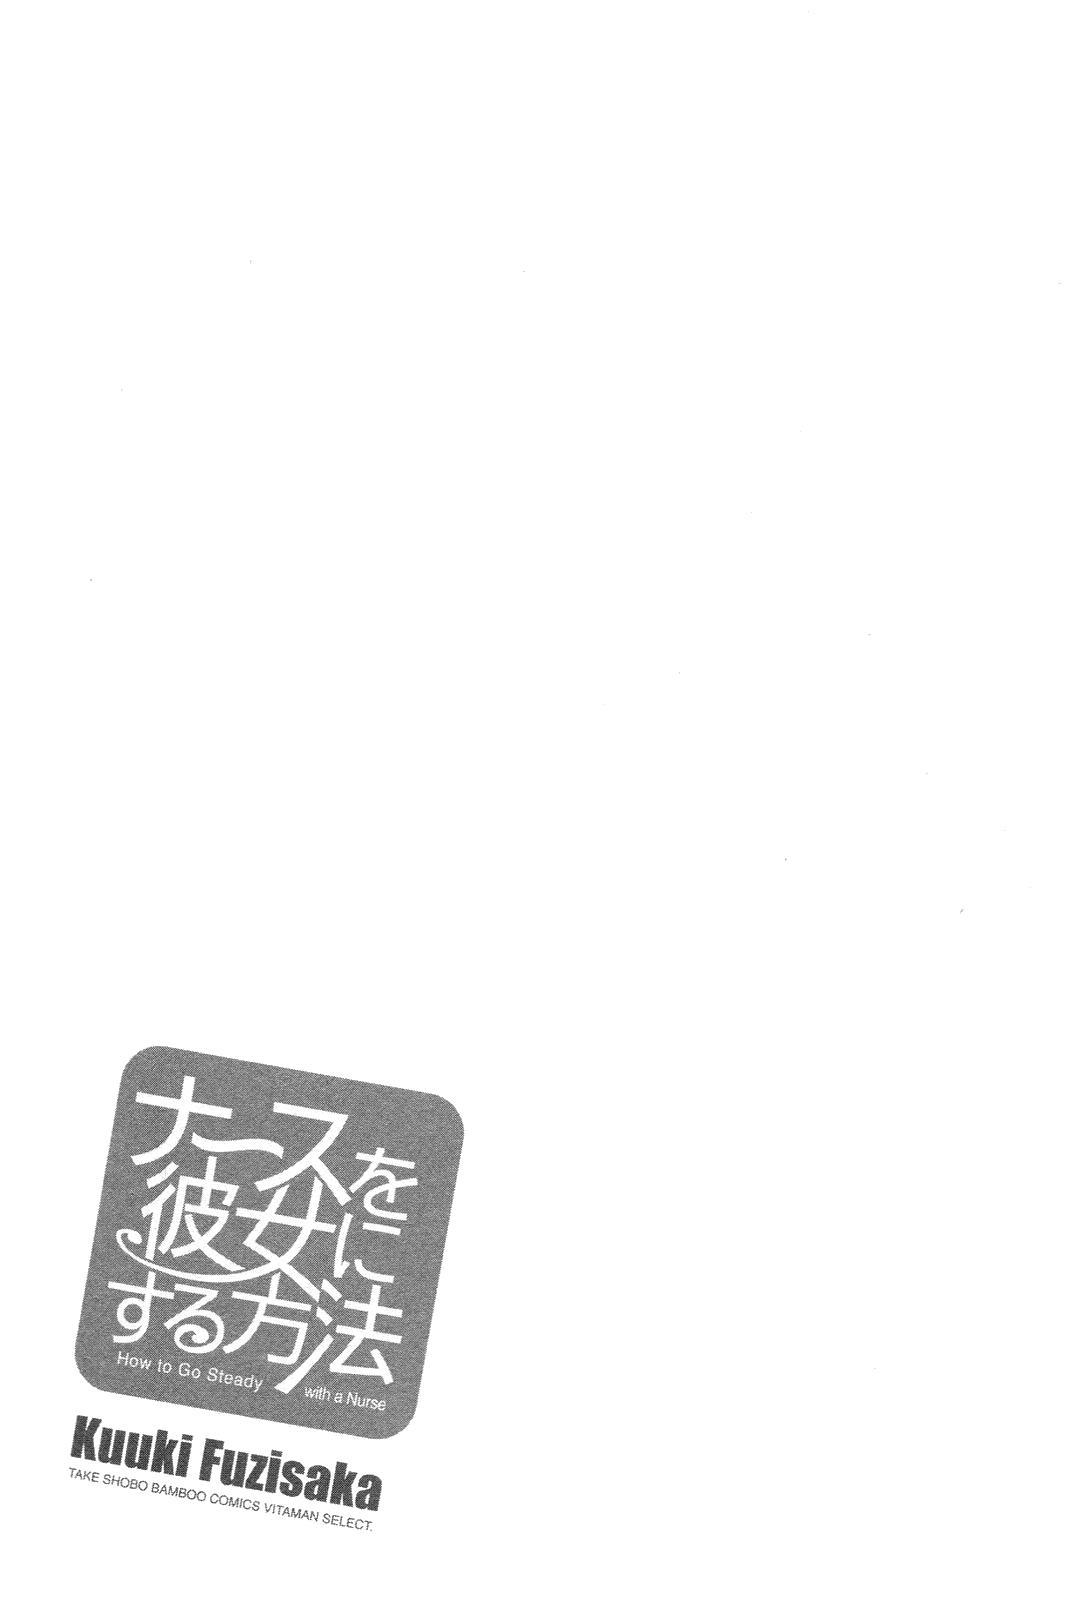 Nurse o Kanojo ni Suru Houhou - How To Go Steady With A Nurse 1 99